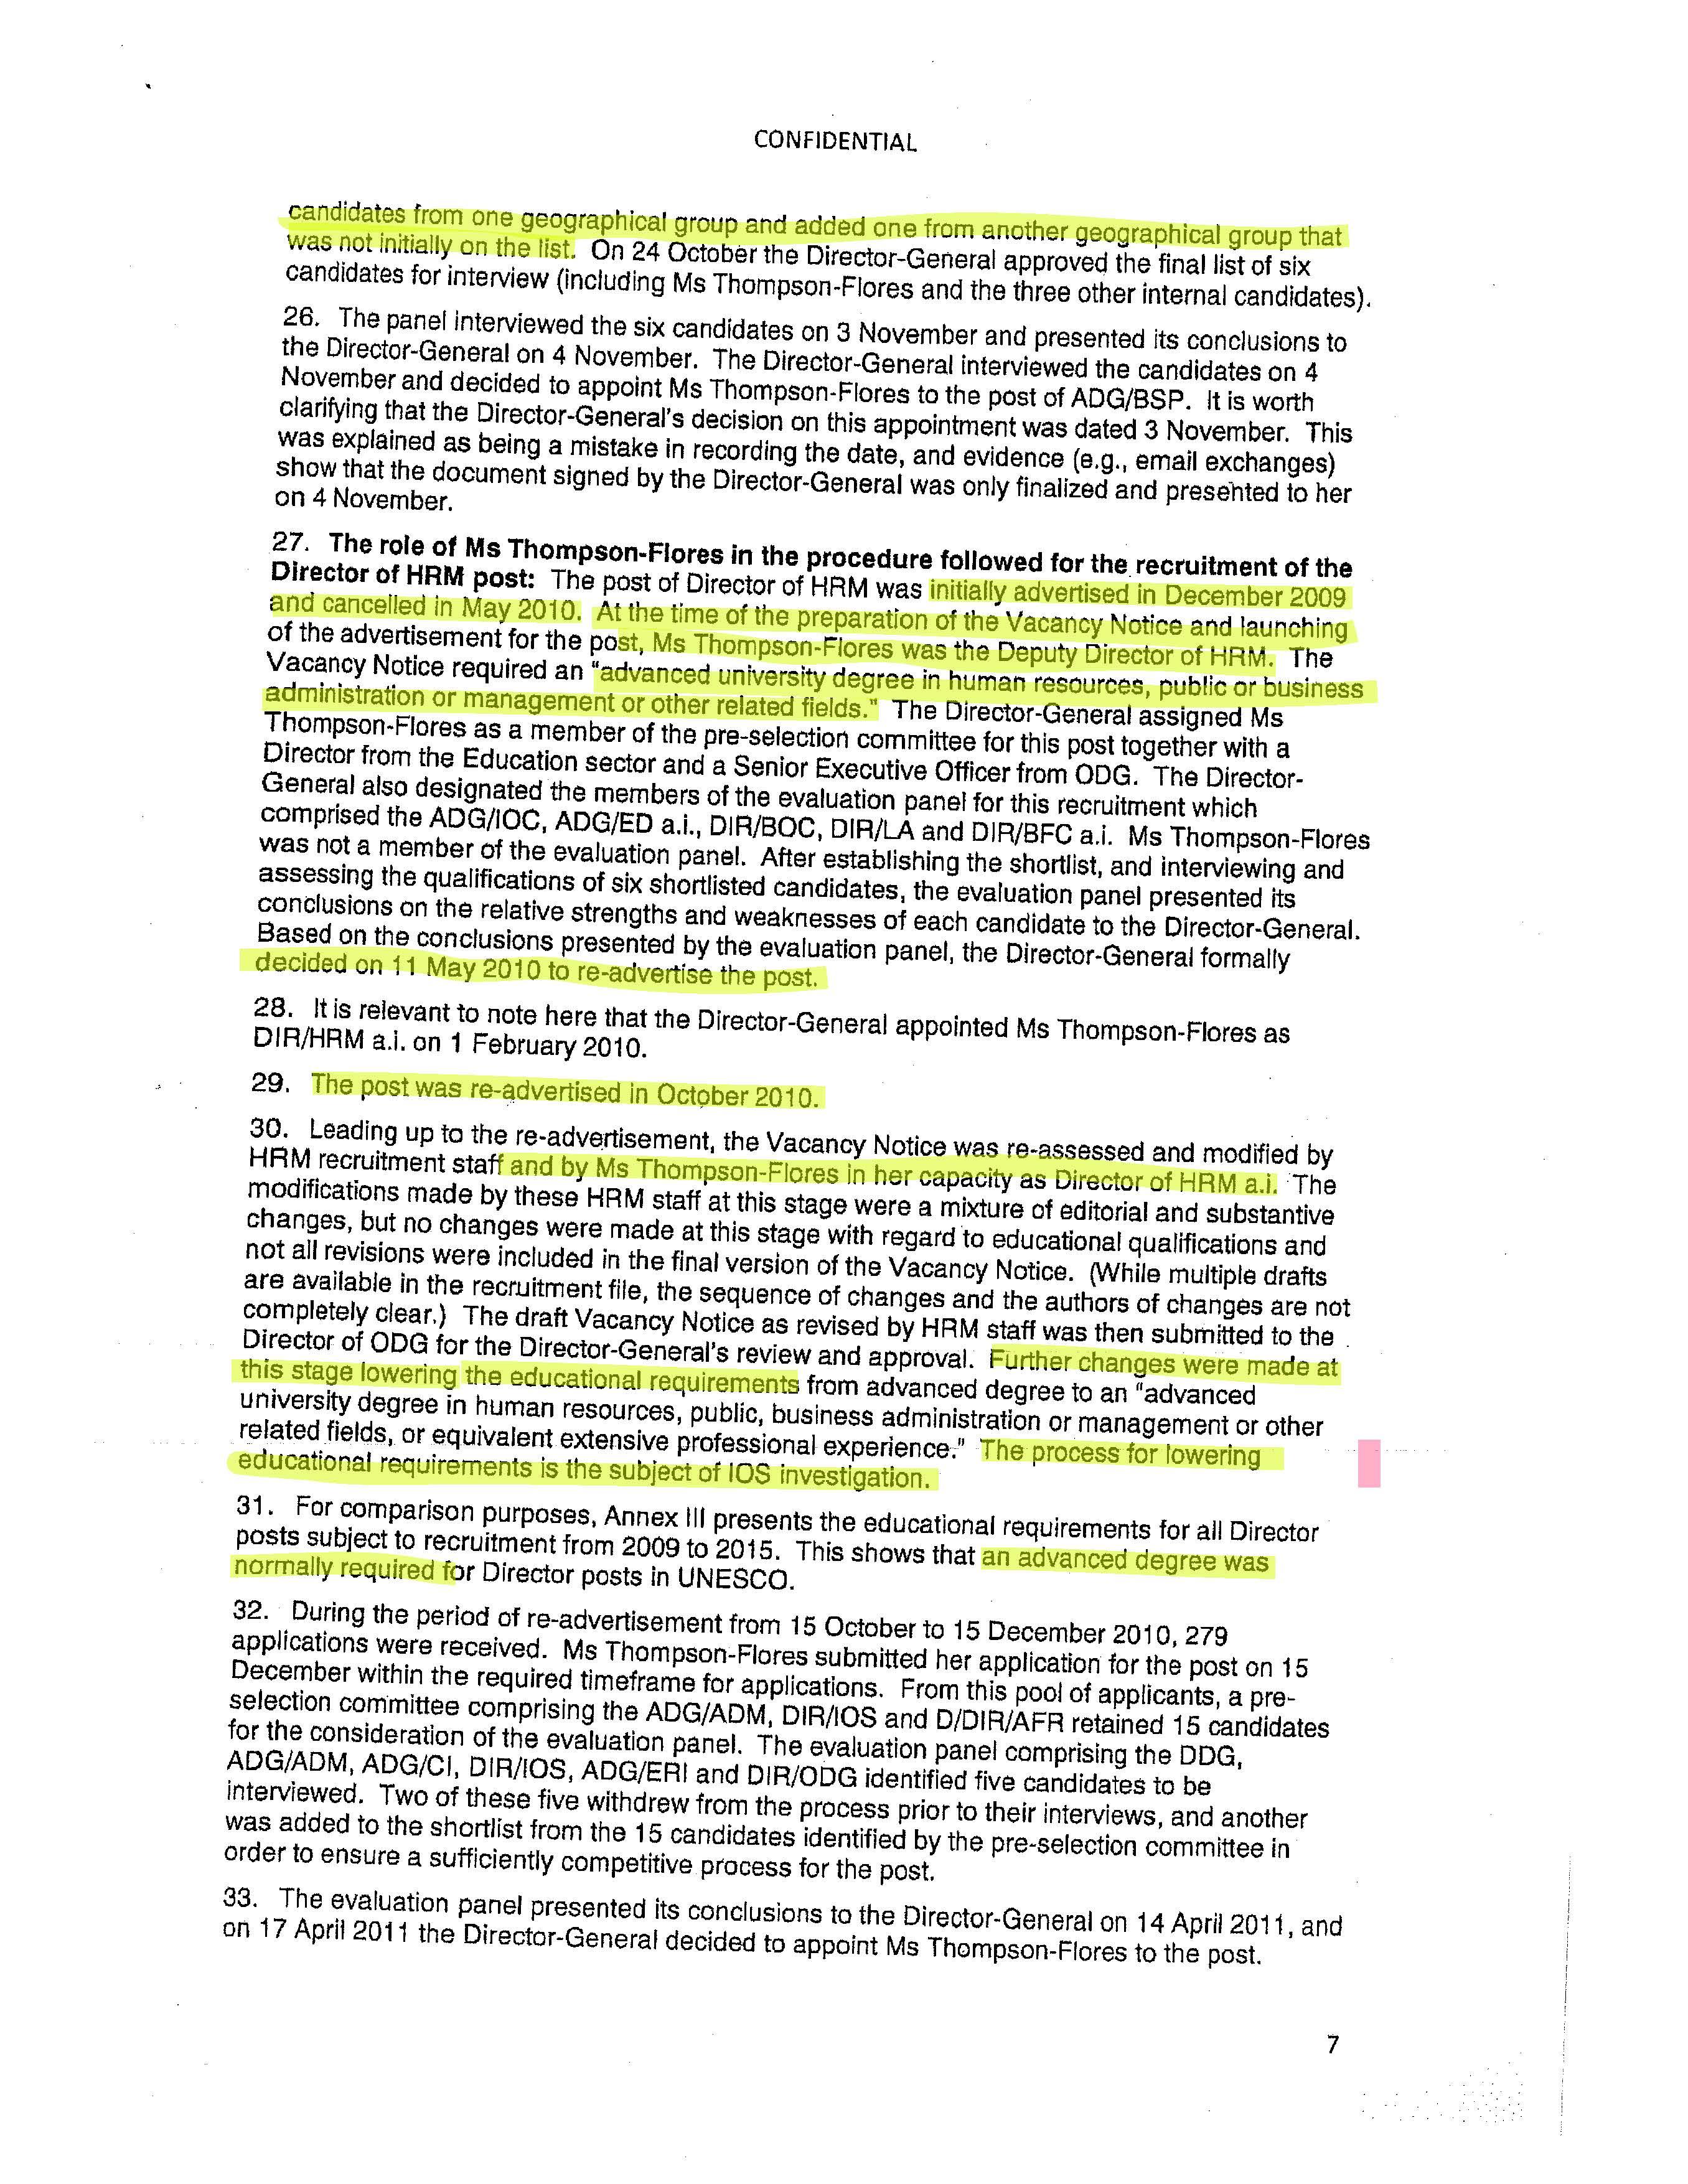 Румяна Желева 2.0  Бокова била на косъм от импийчмънт в ЮНЕСКО. Задава се унищожителен английски доклад